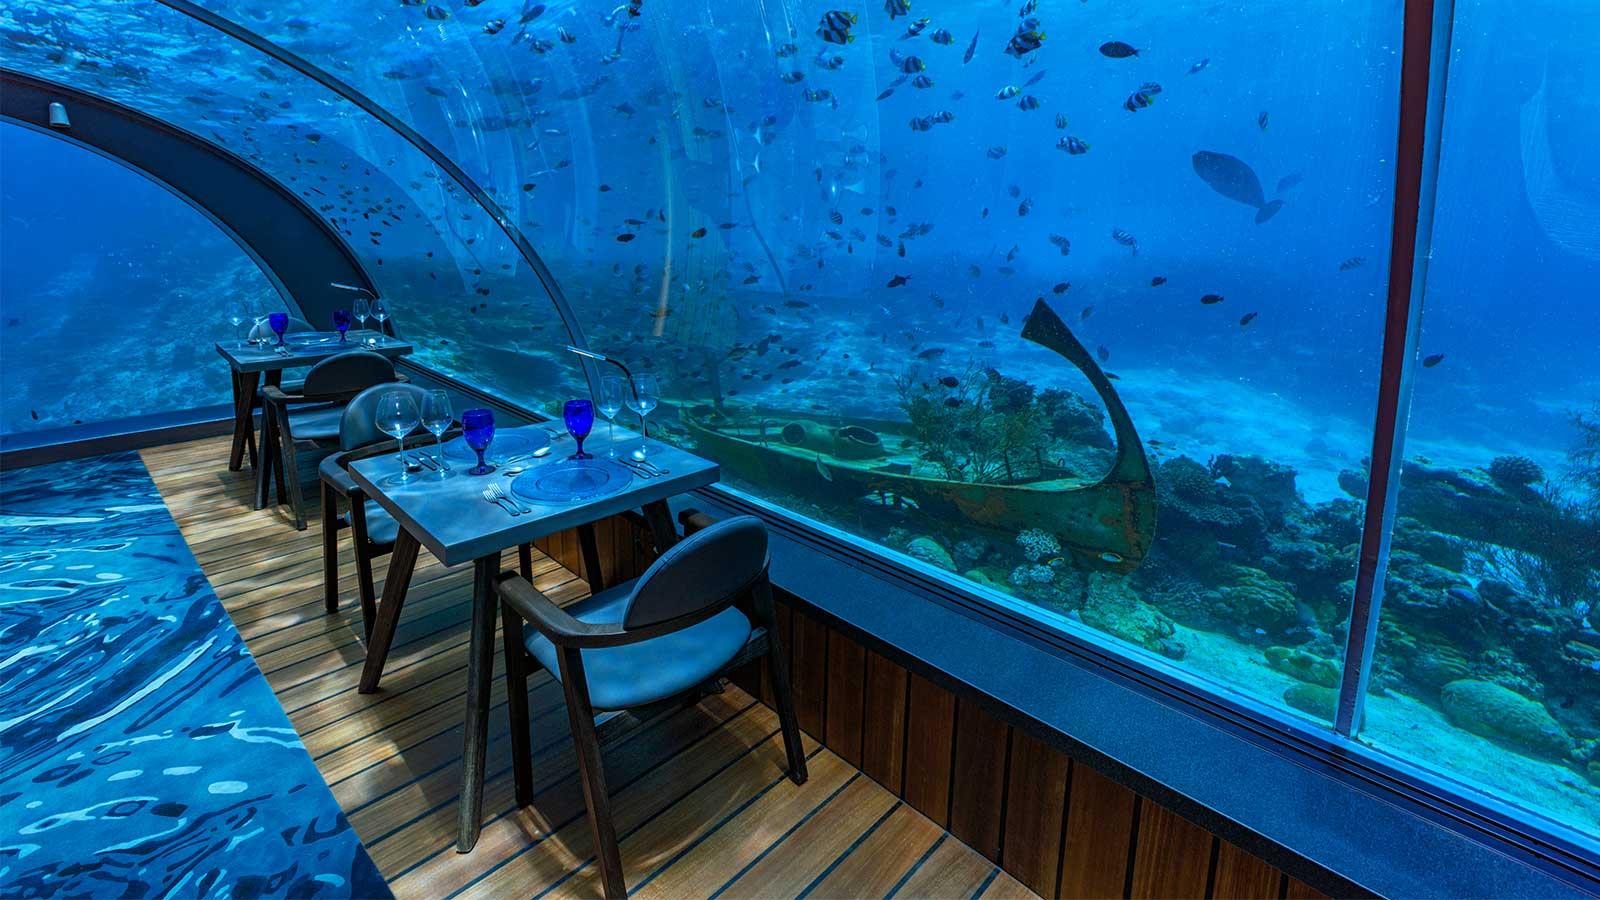 盘点世界各地海底餐厅:让食客接近海洋是怎样一门生意